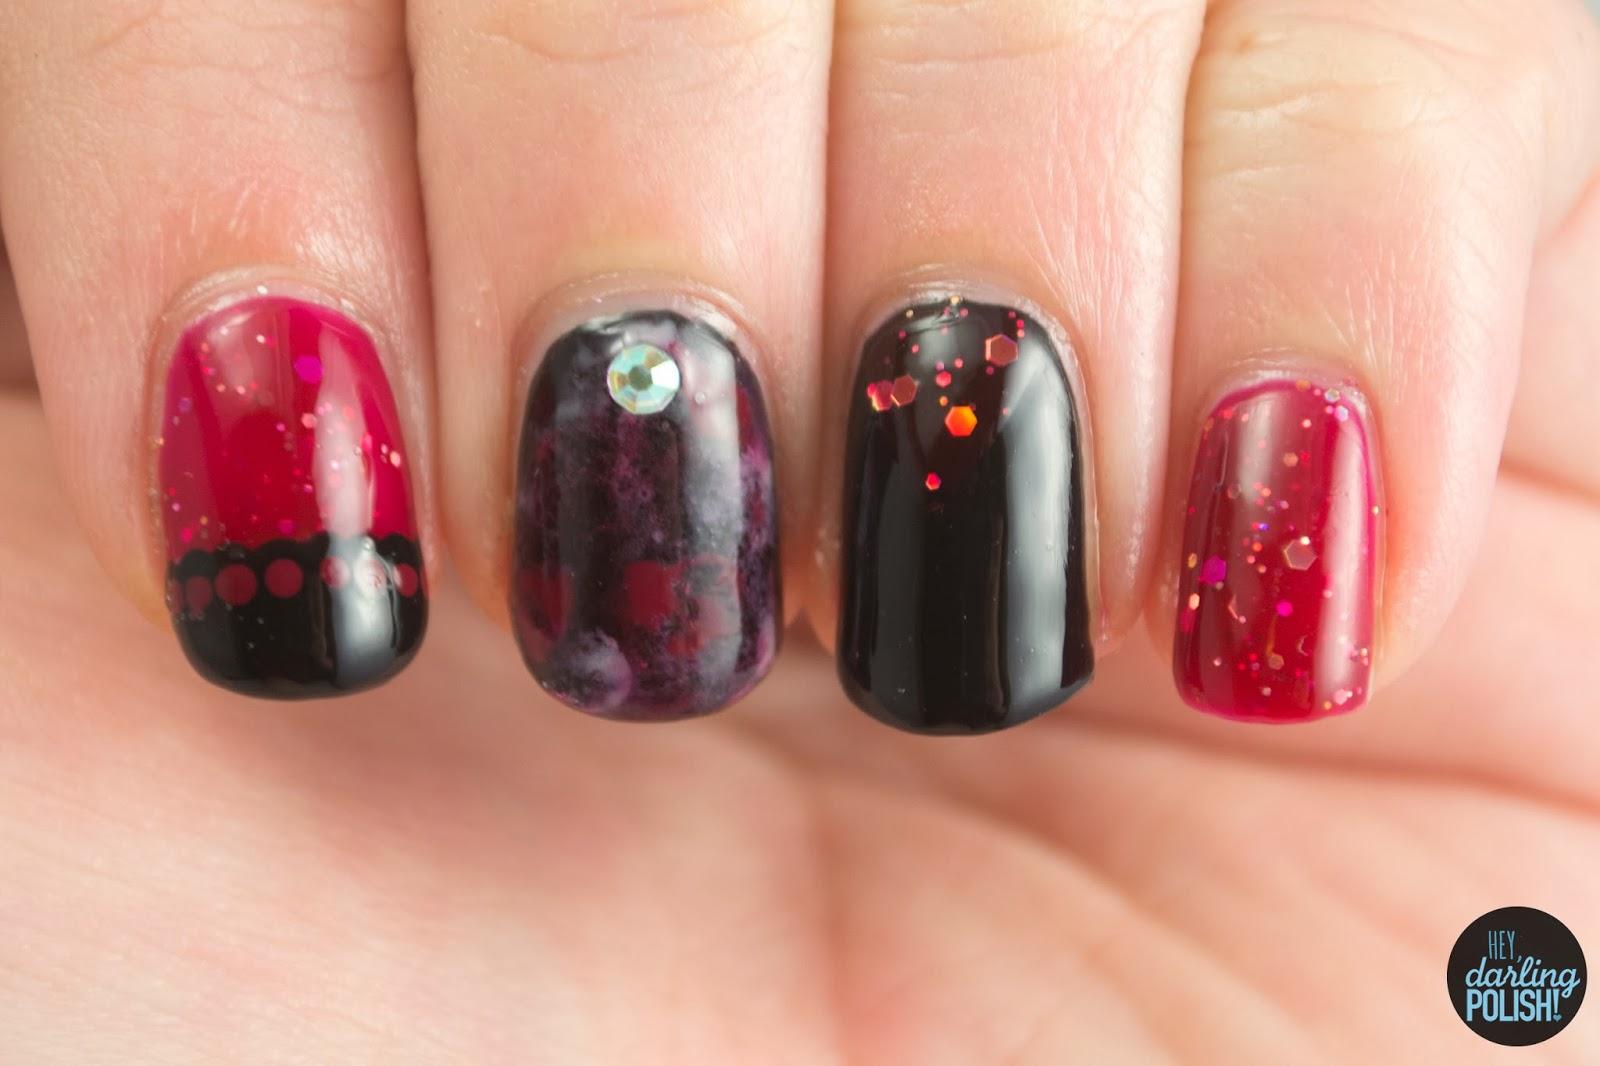 nails, nail polish, nail art, polish, red, black, shirley ann nail lacquer, hey darling polish